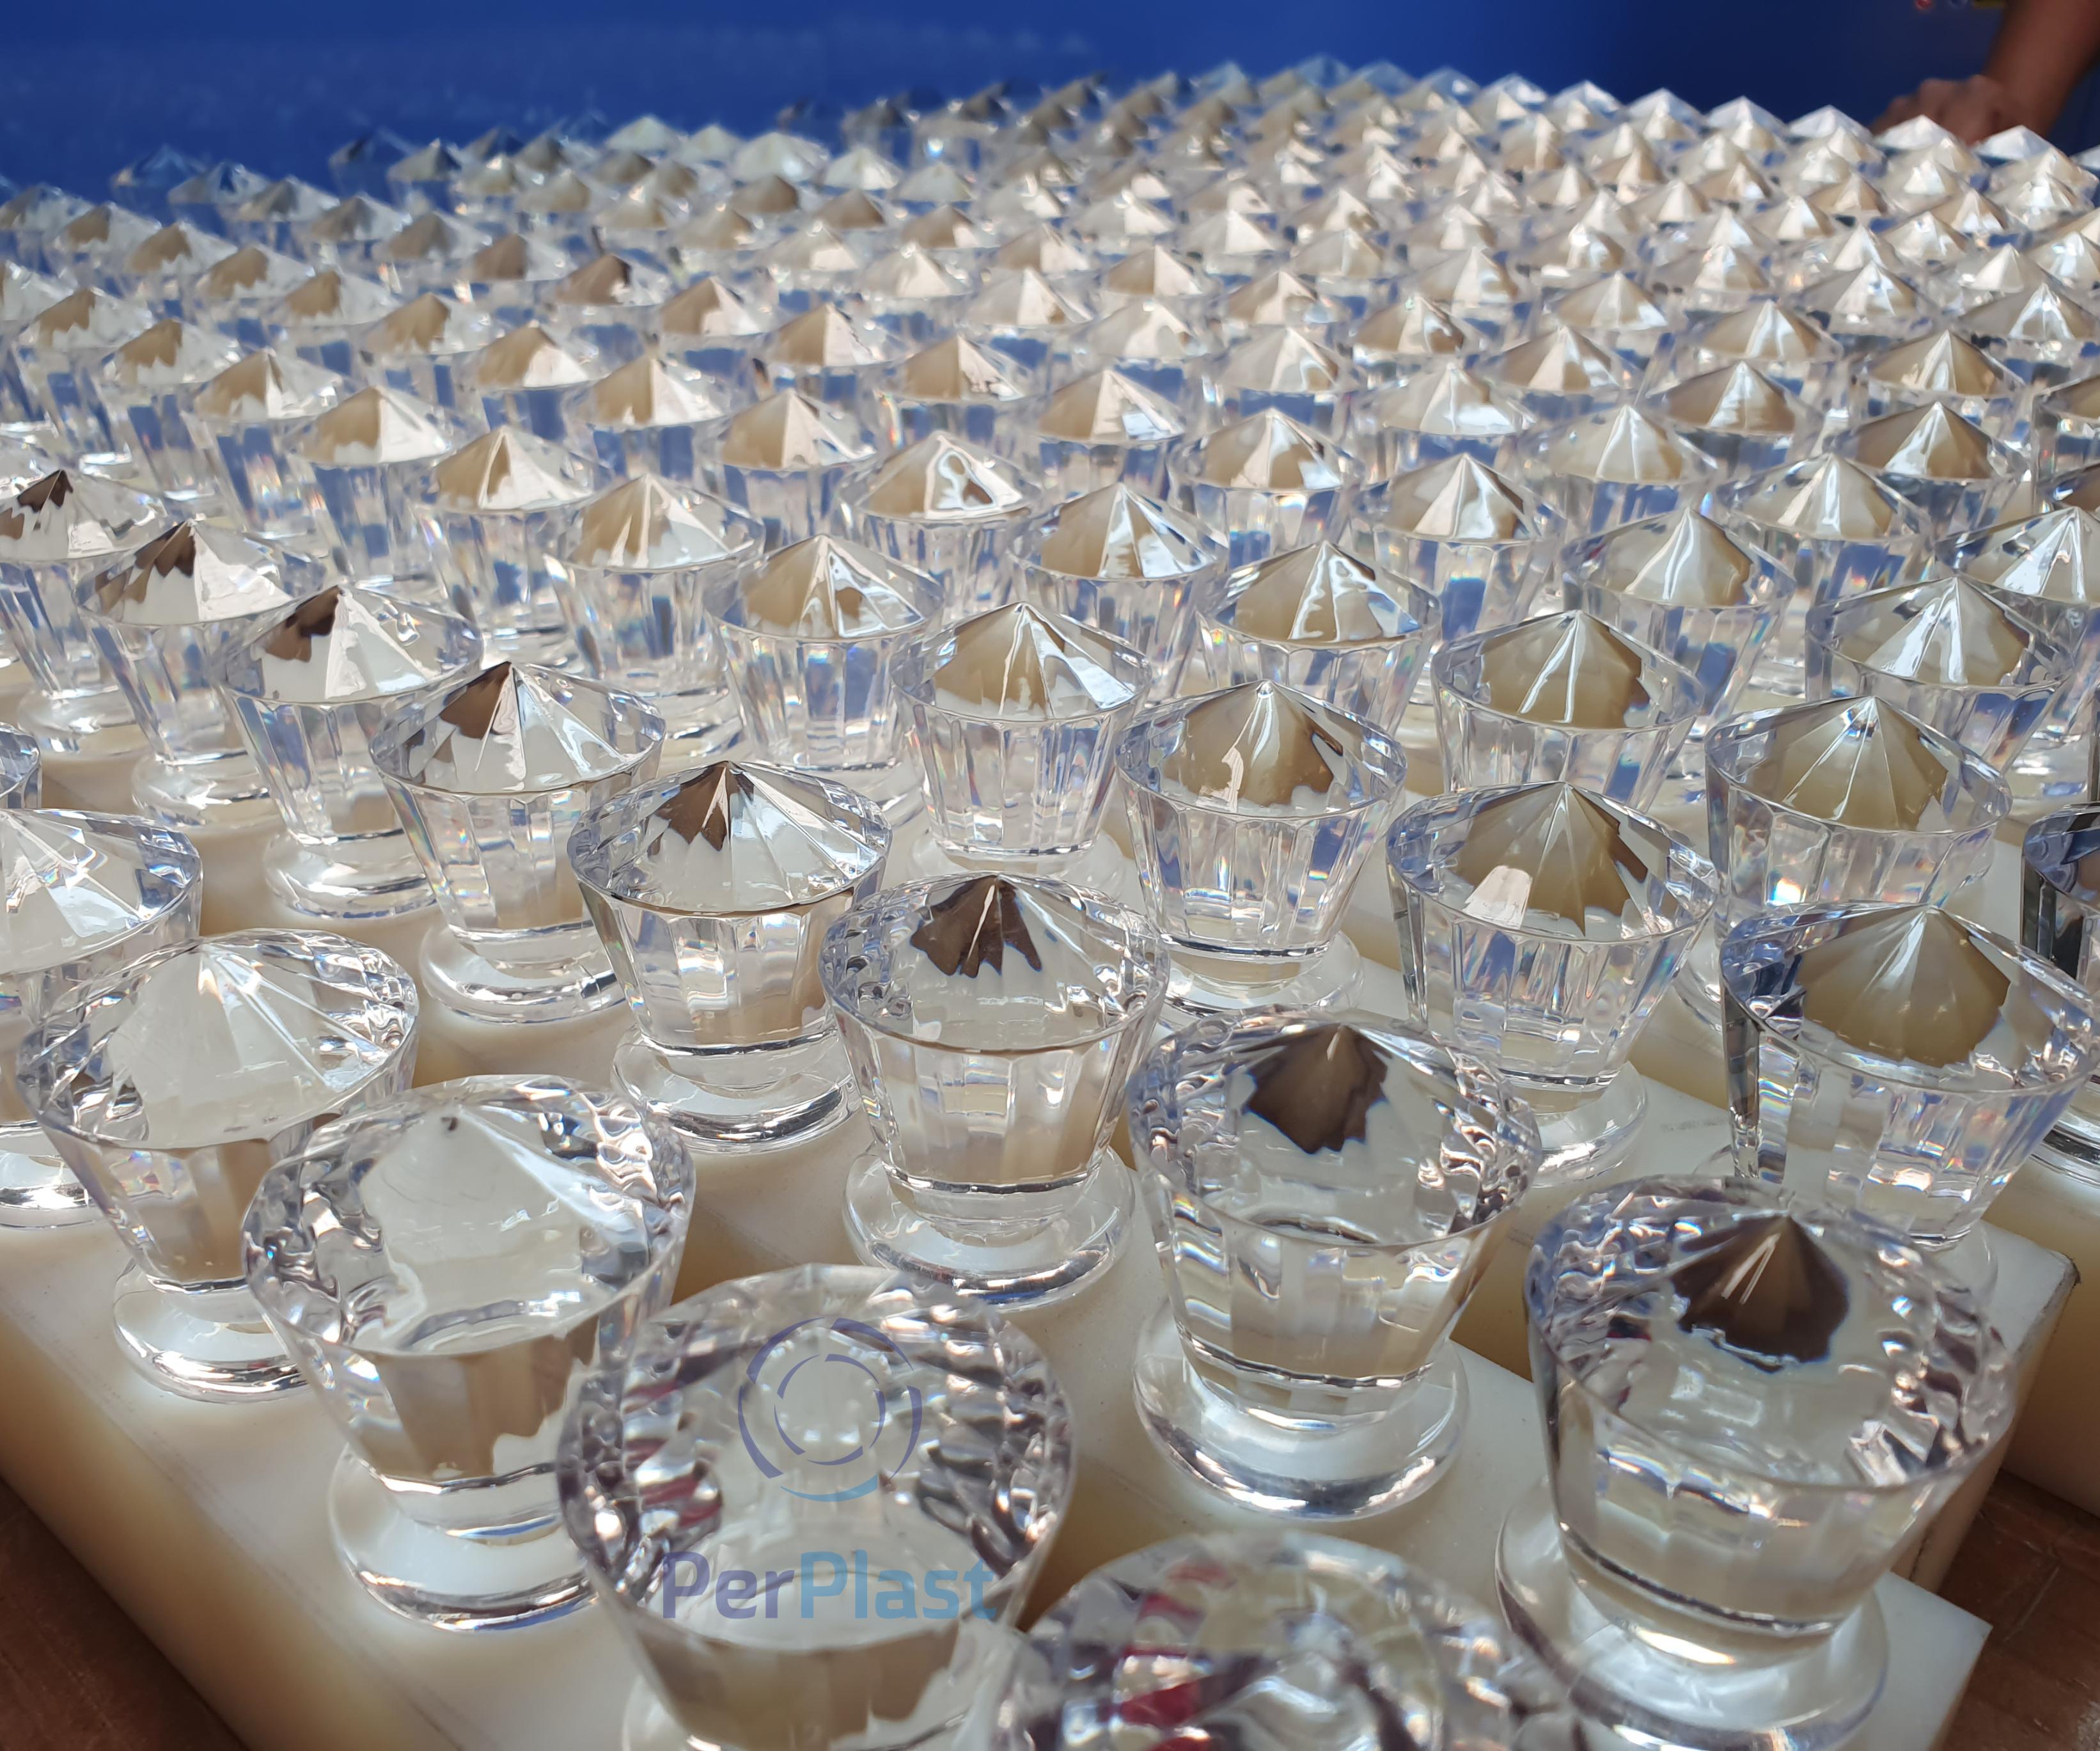 Muestras de tapas para botella de tequila. Foto cortesía de Grupo Perplast.